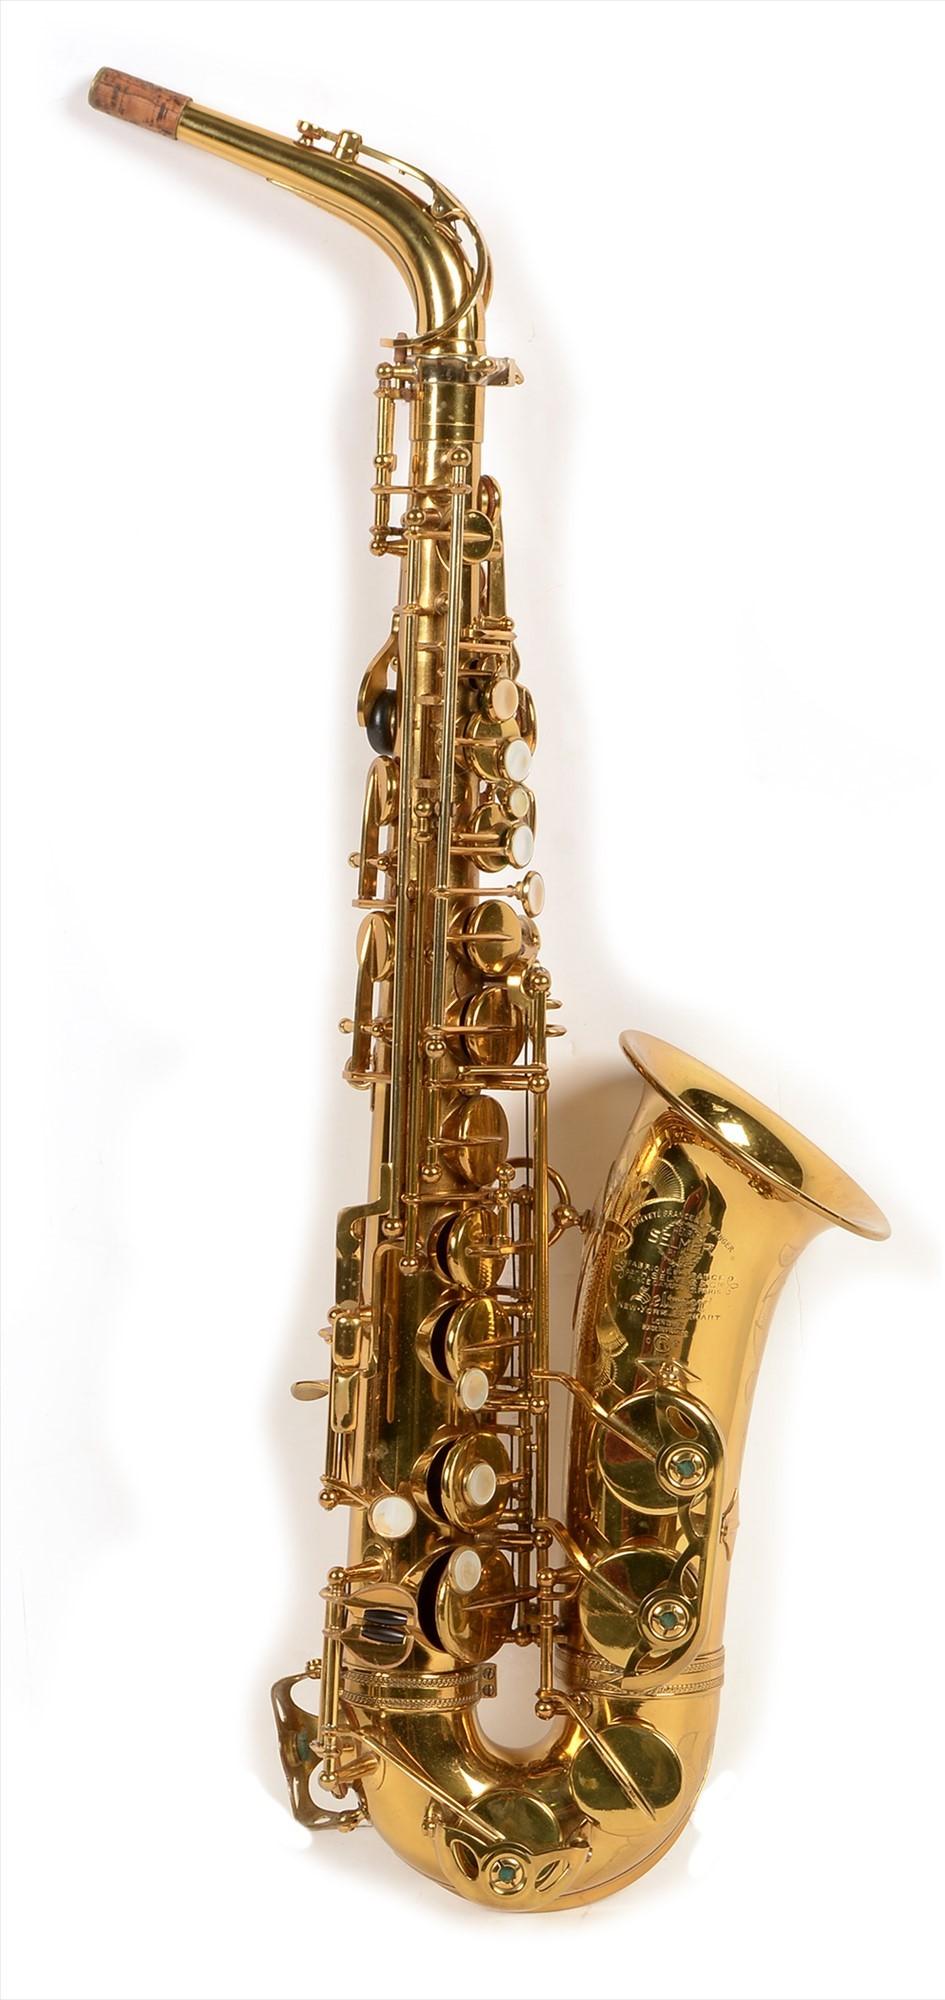 1960 Selmer VI saxophone, with original lacquer,